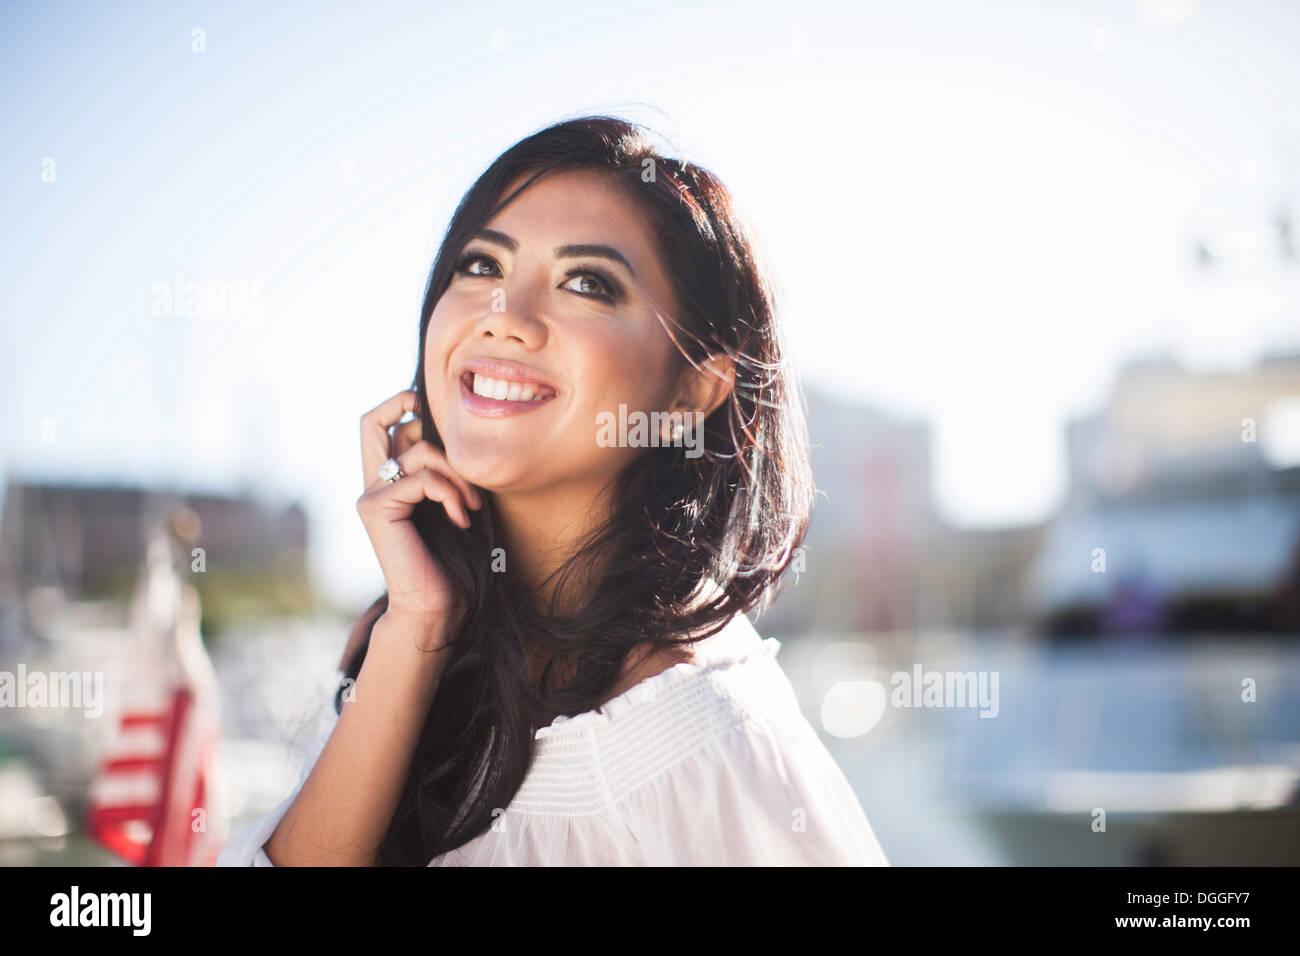 Porträt der jungen Frau auf Yacht in der Marina, San Francisco, Kalifornien, USA Stockbild